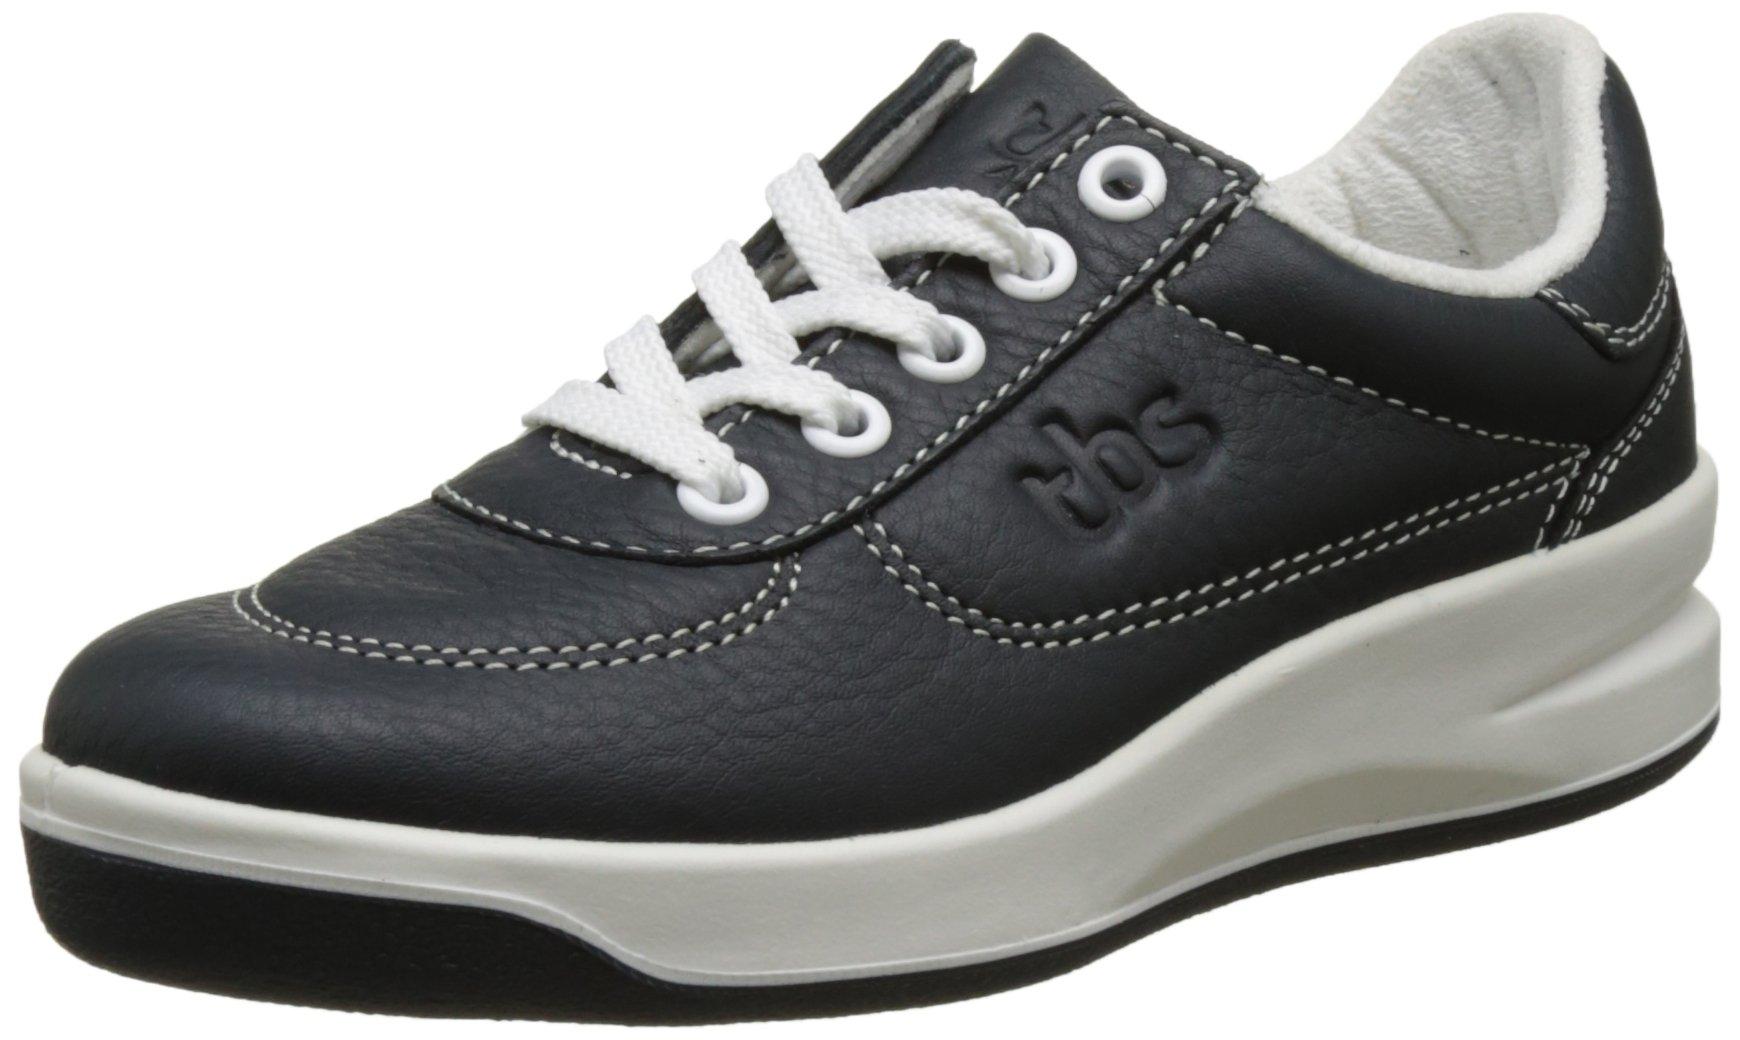 367e3923ed8e Top Chaussures de sport femme selon les notes Amazon.fr